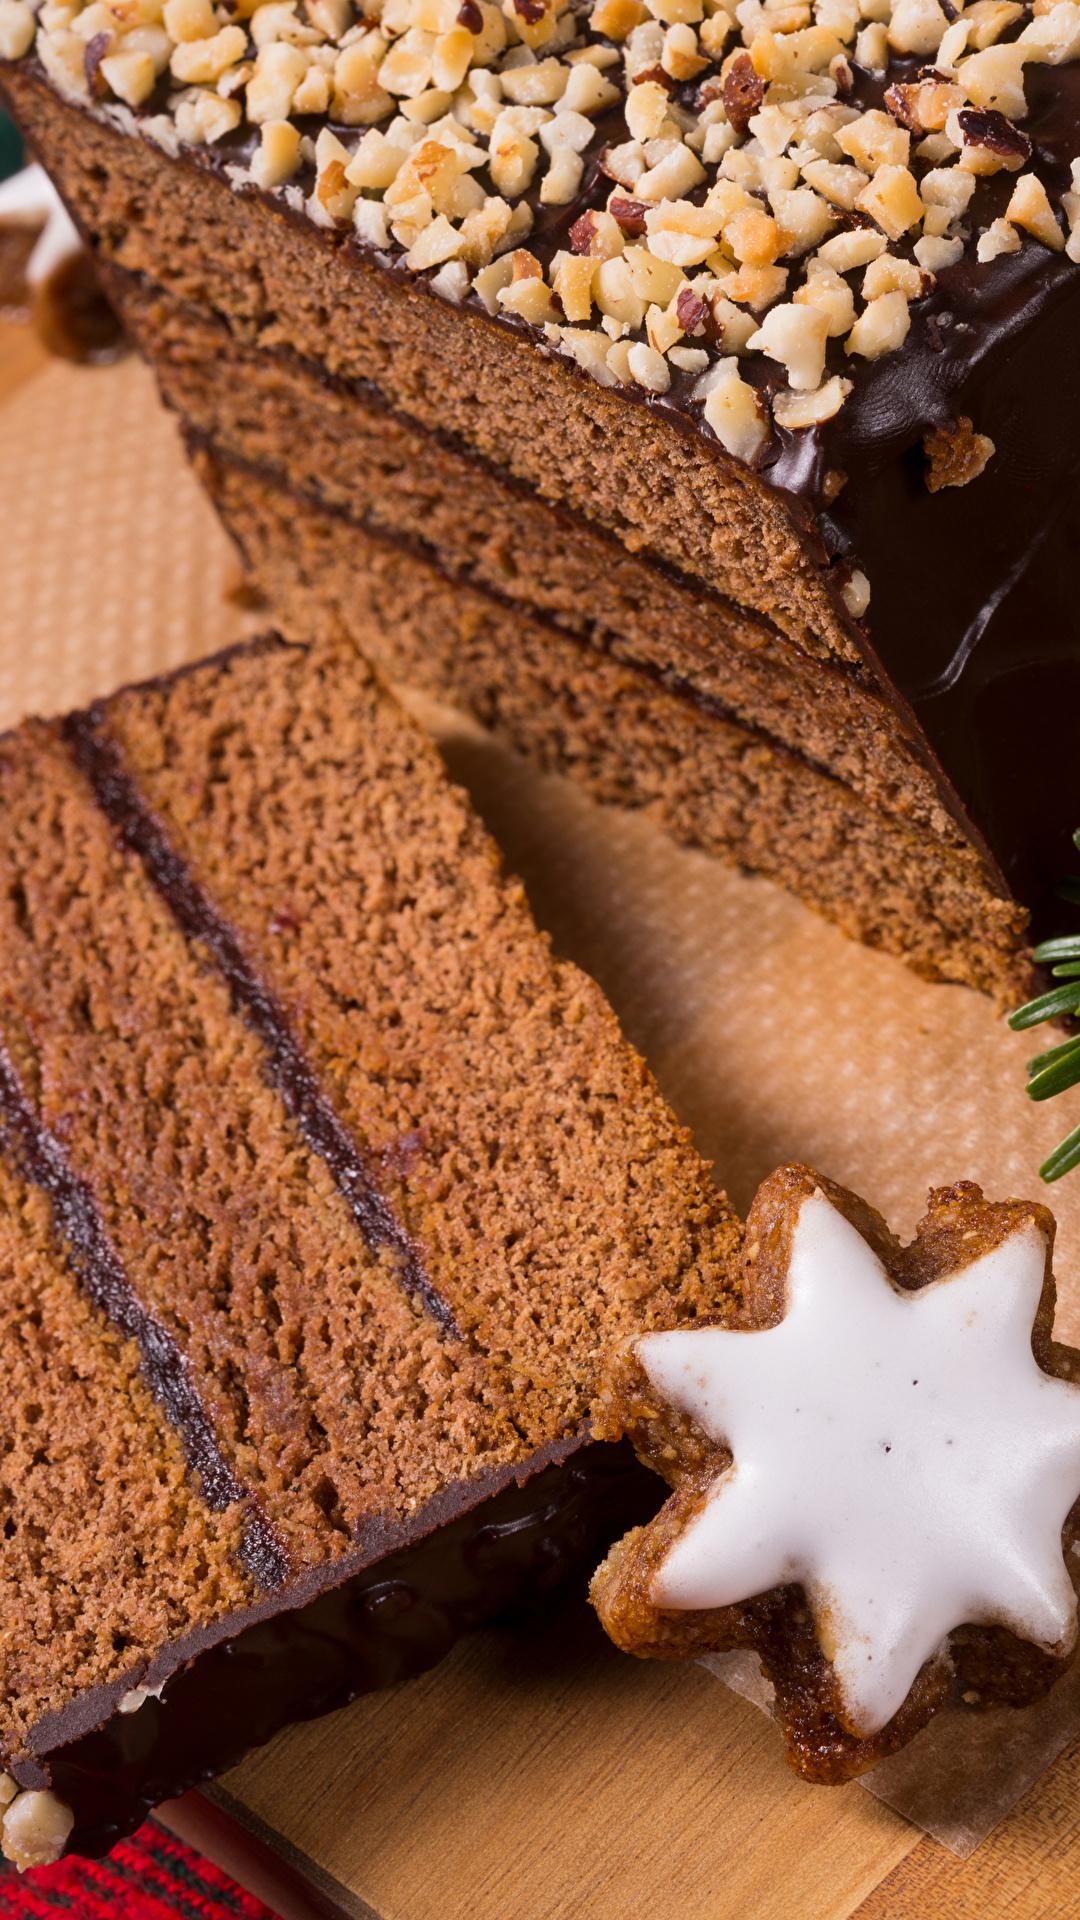 Картинка Новый год Шоколад Торты Кусок Пища Печенье Выпечка 1080x1920 для мобильного телефона Рождество часть кусочки кусочек Еда Продукты питания